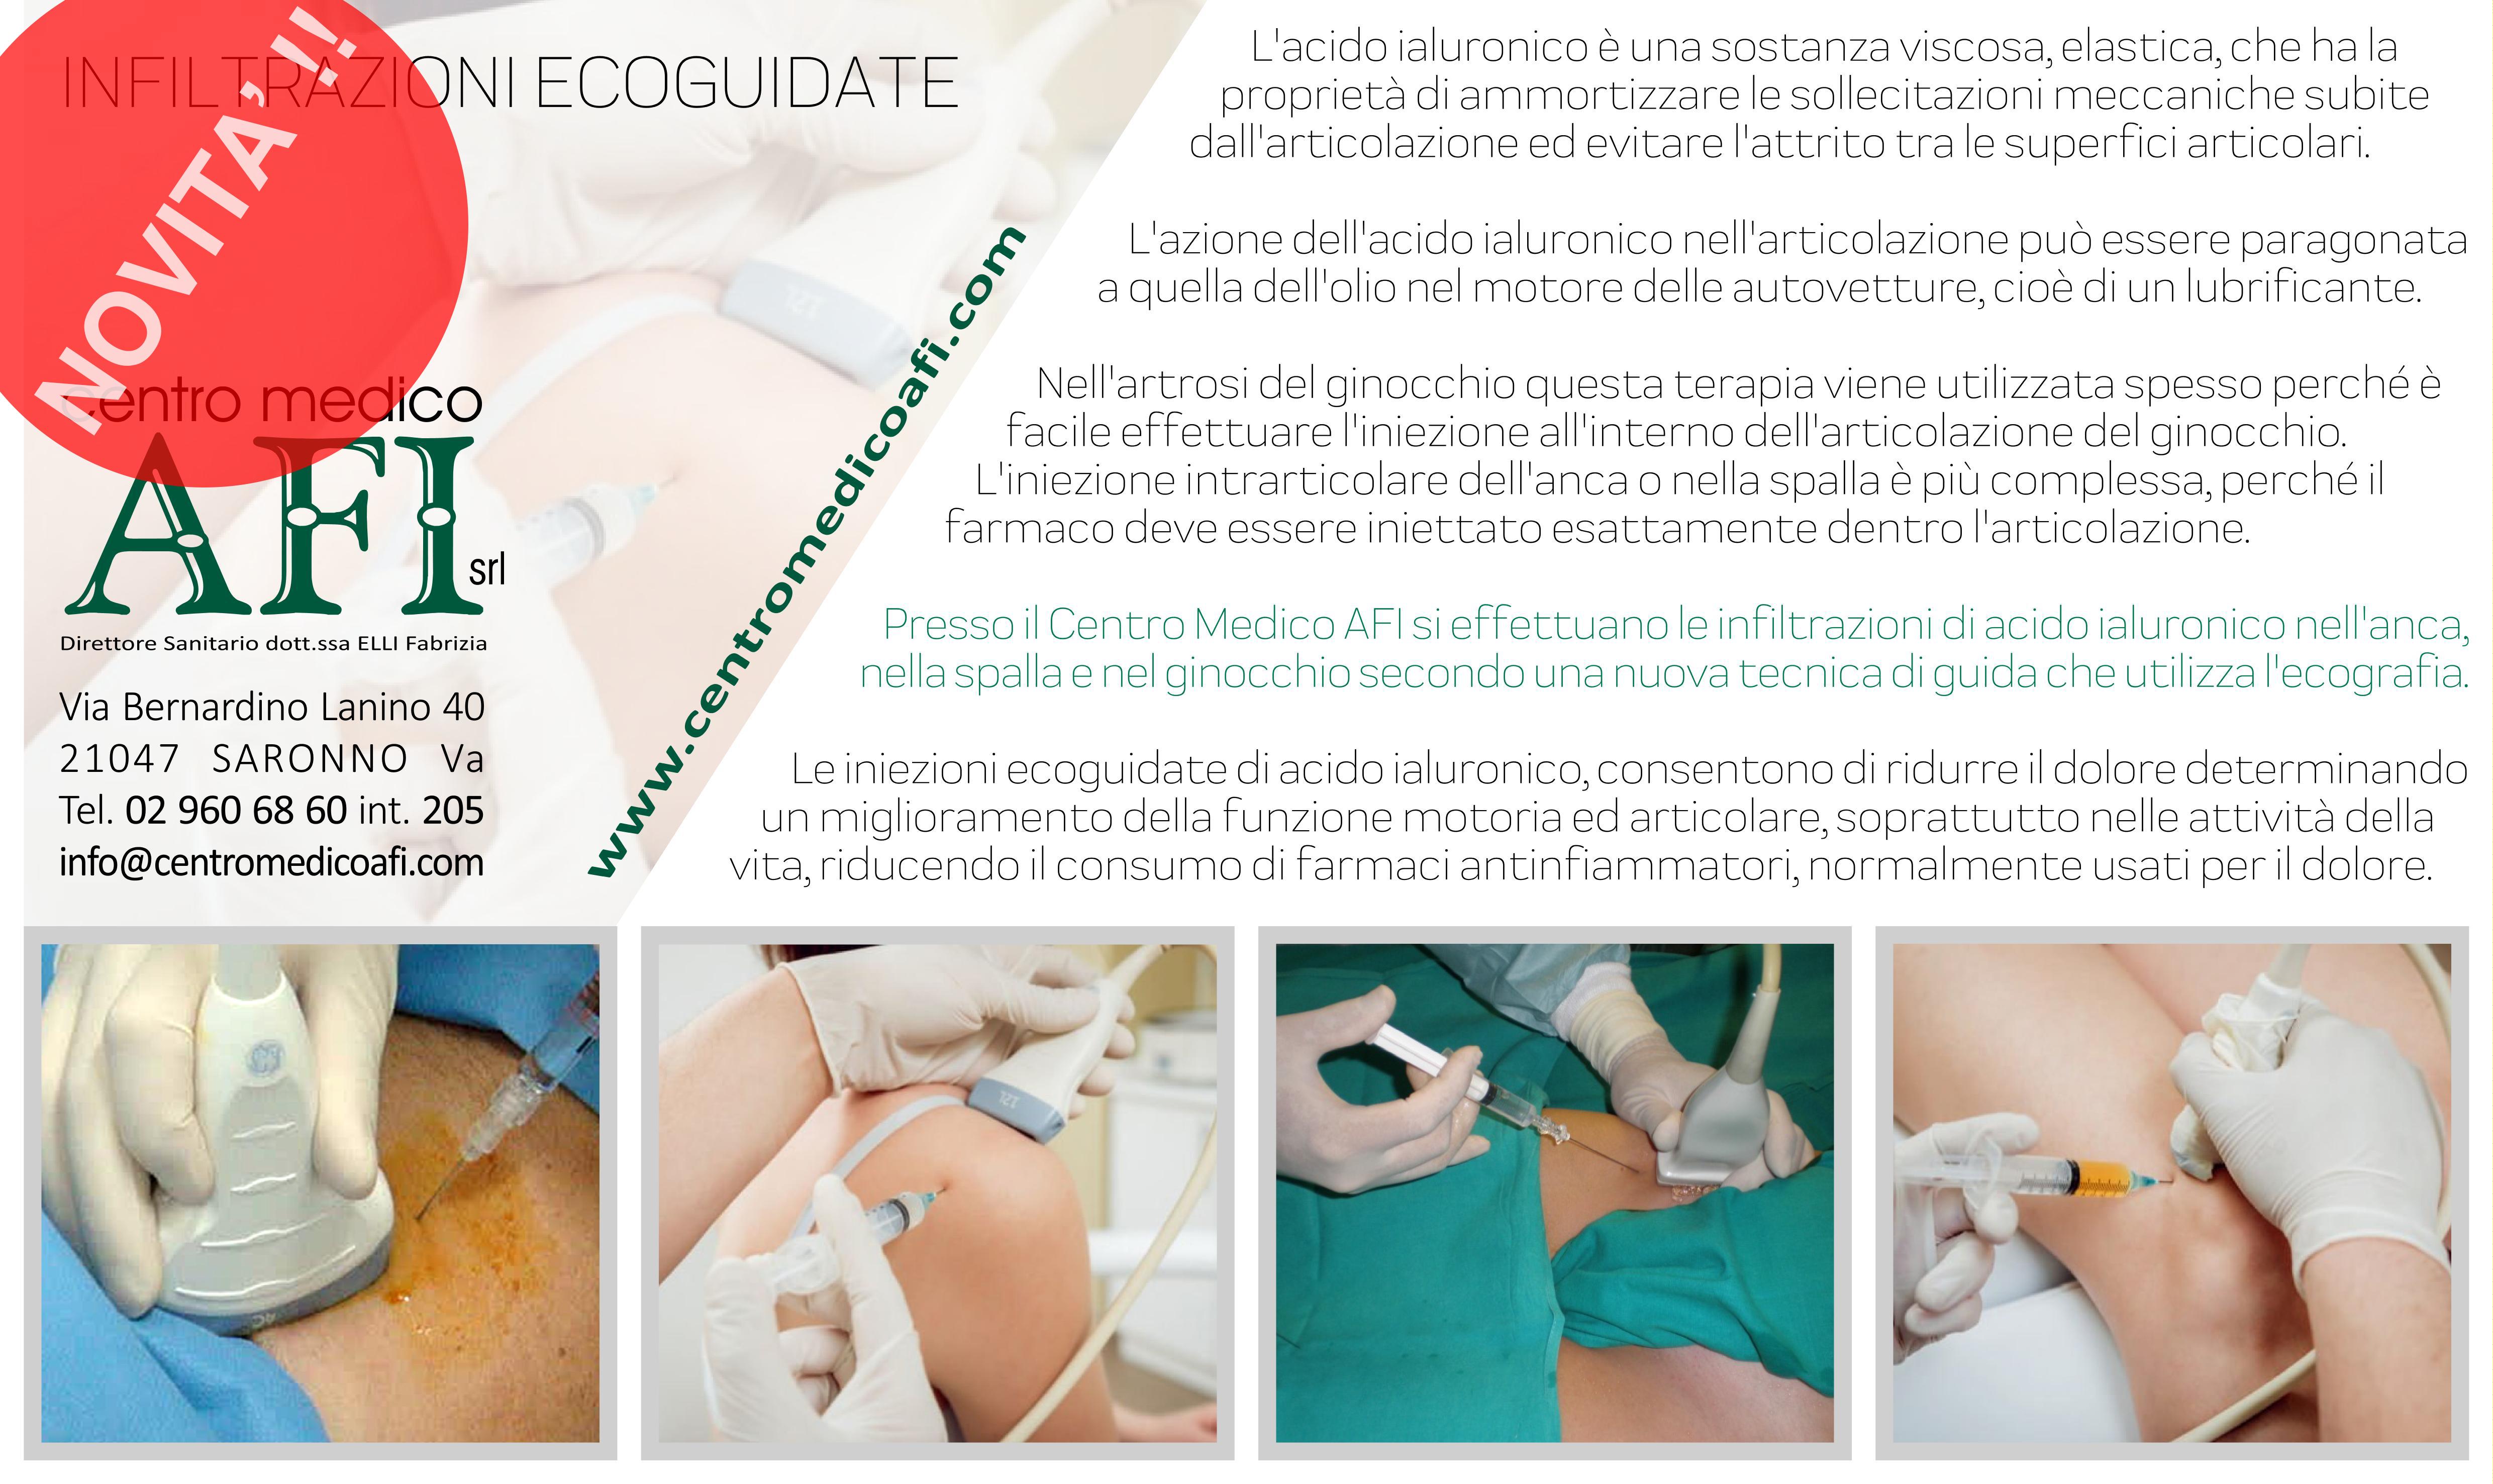 INFILTRAZIONI ECOGUIDATE_Centro_Medico_AFI_Saronno